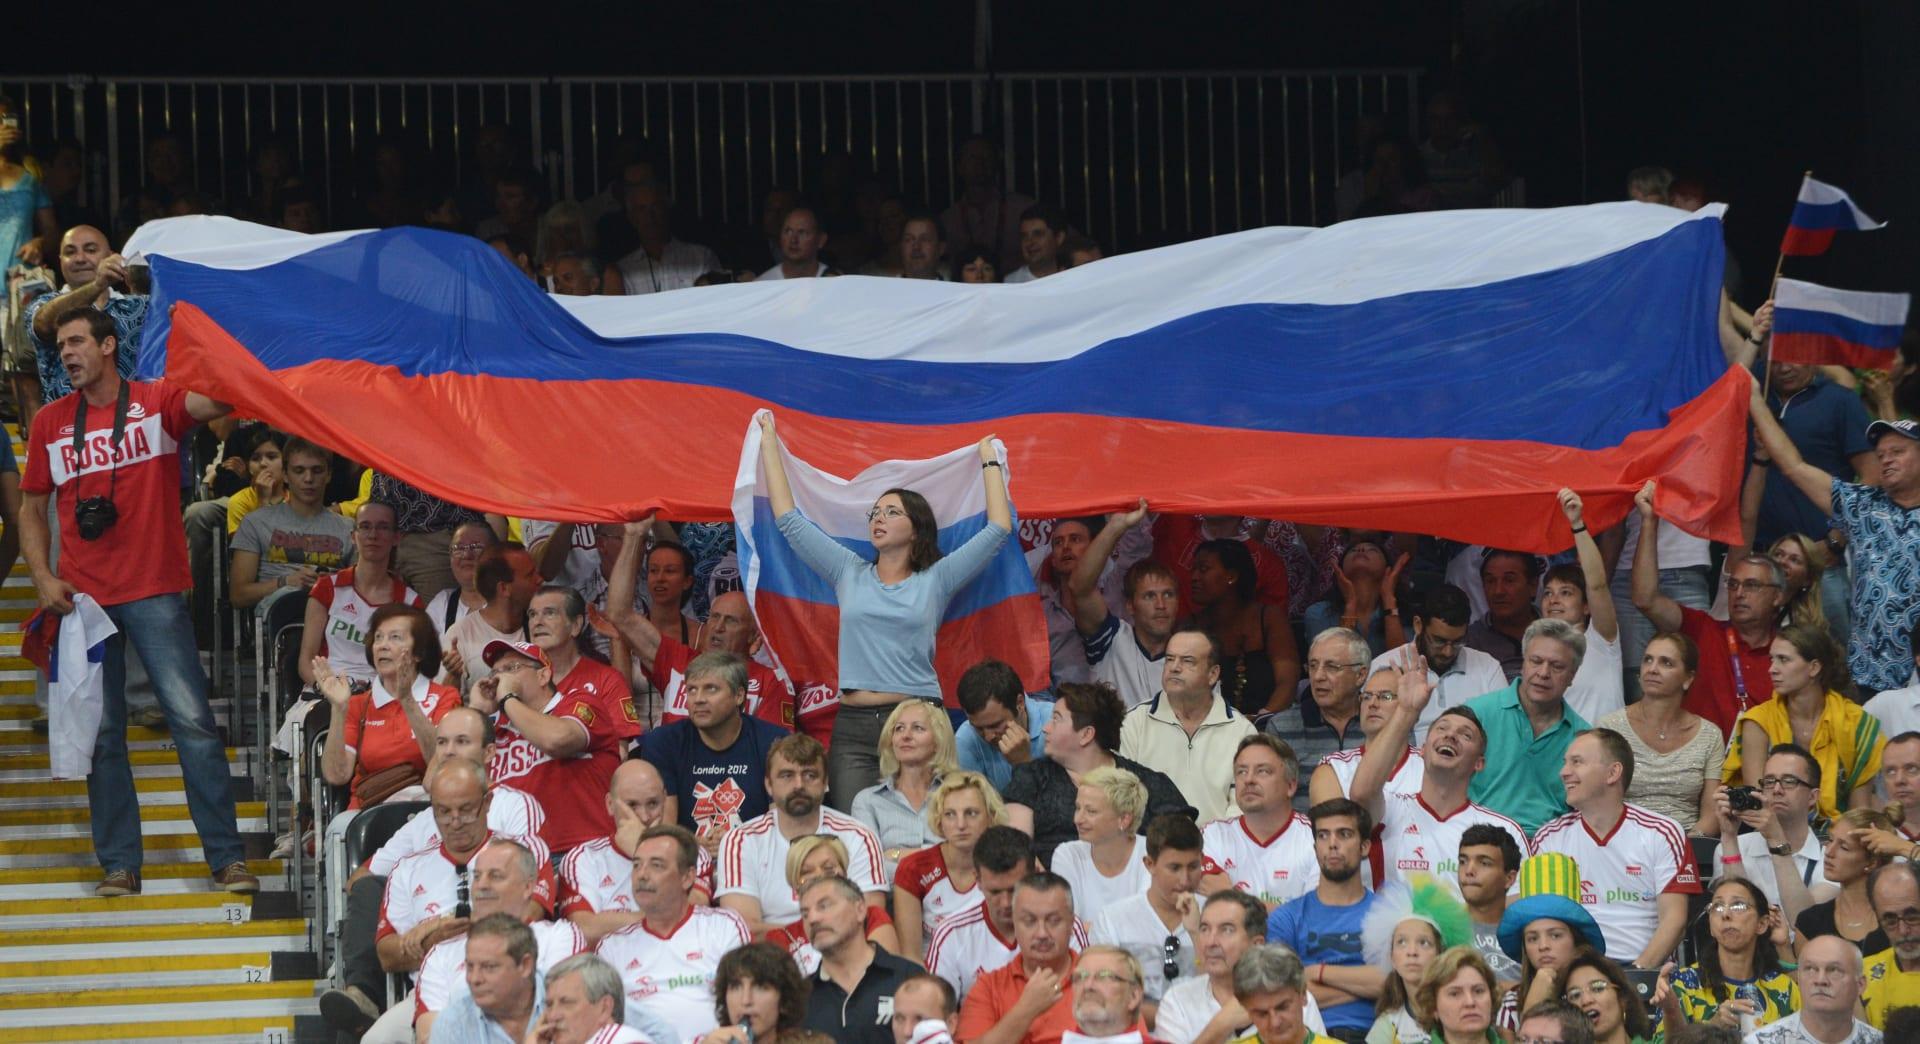 """WADA تطالب بمنع روسيا من المشاركة بالرياضة العالمية بعد فضيحة """"منشطات برعاية رسمية"""""""